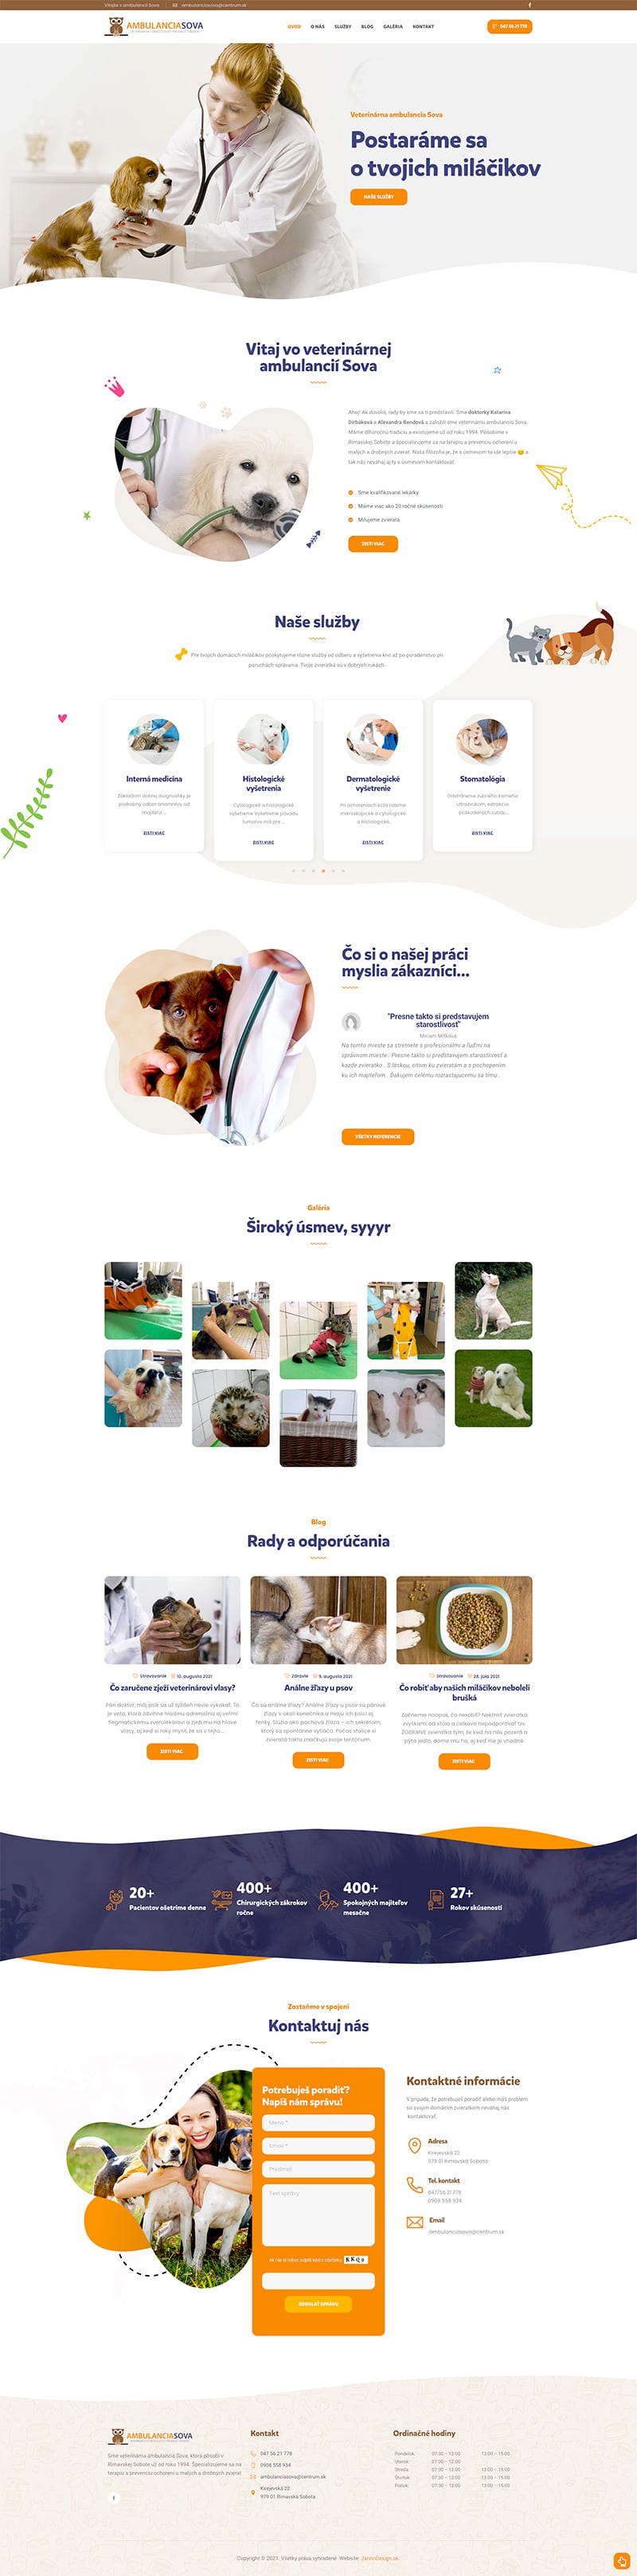 Náhľad úvodnej web stránky AmbulanciaSova.sk - JarvinDesign.sk - Tvorba web stránok